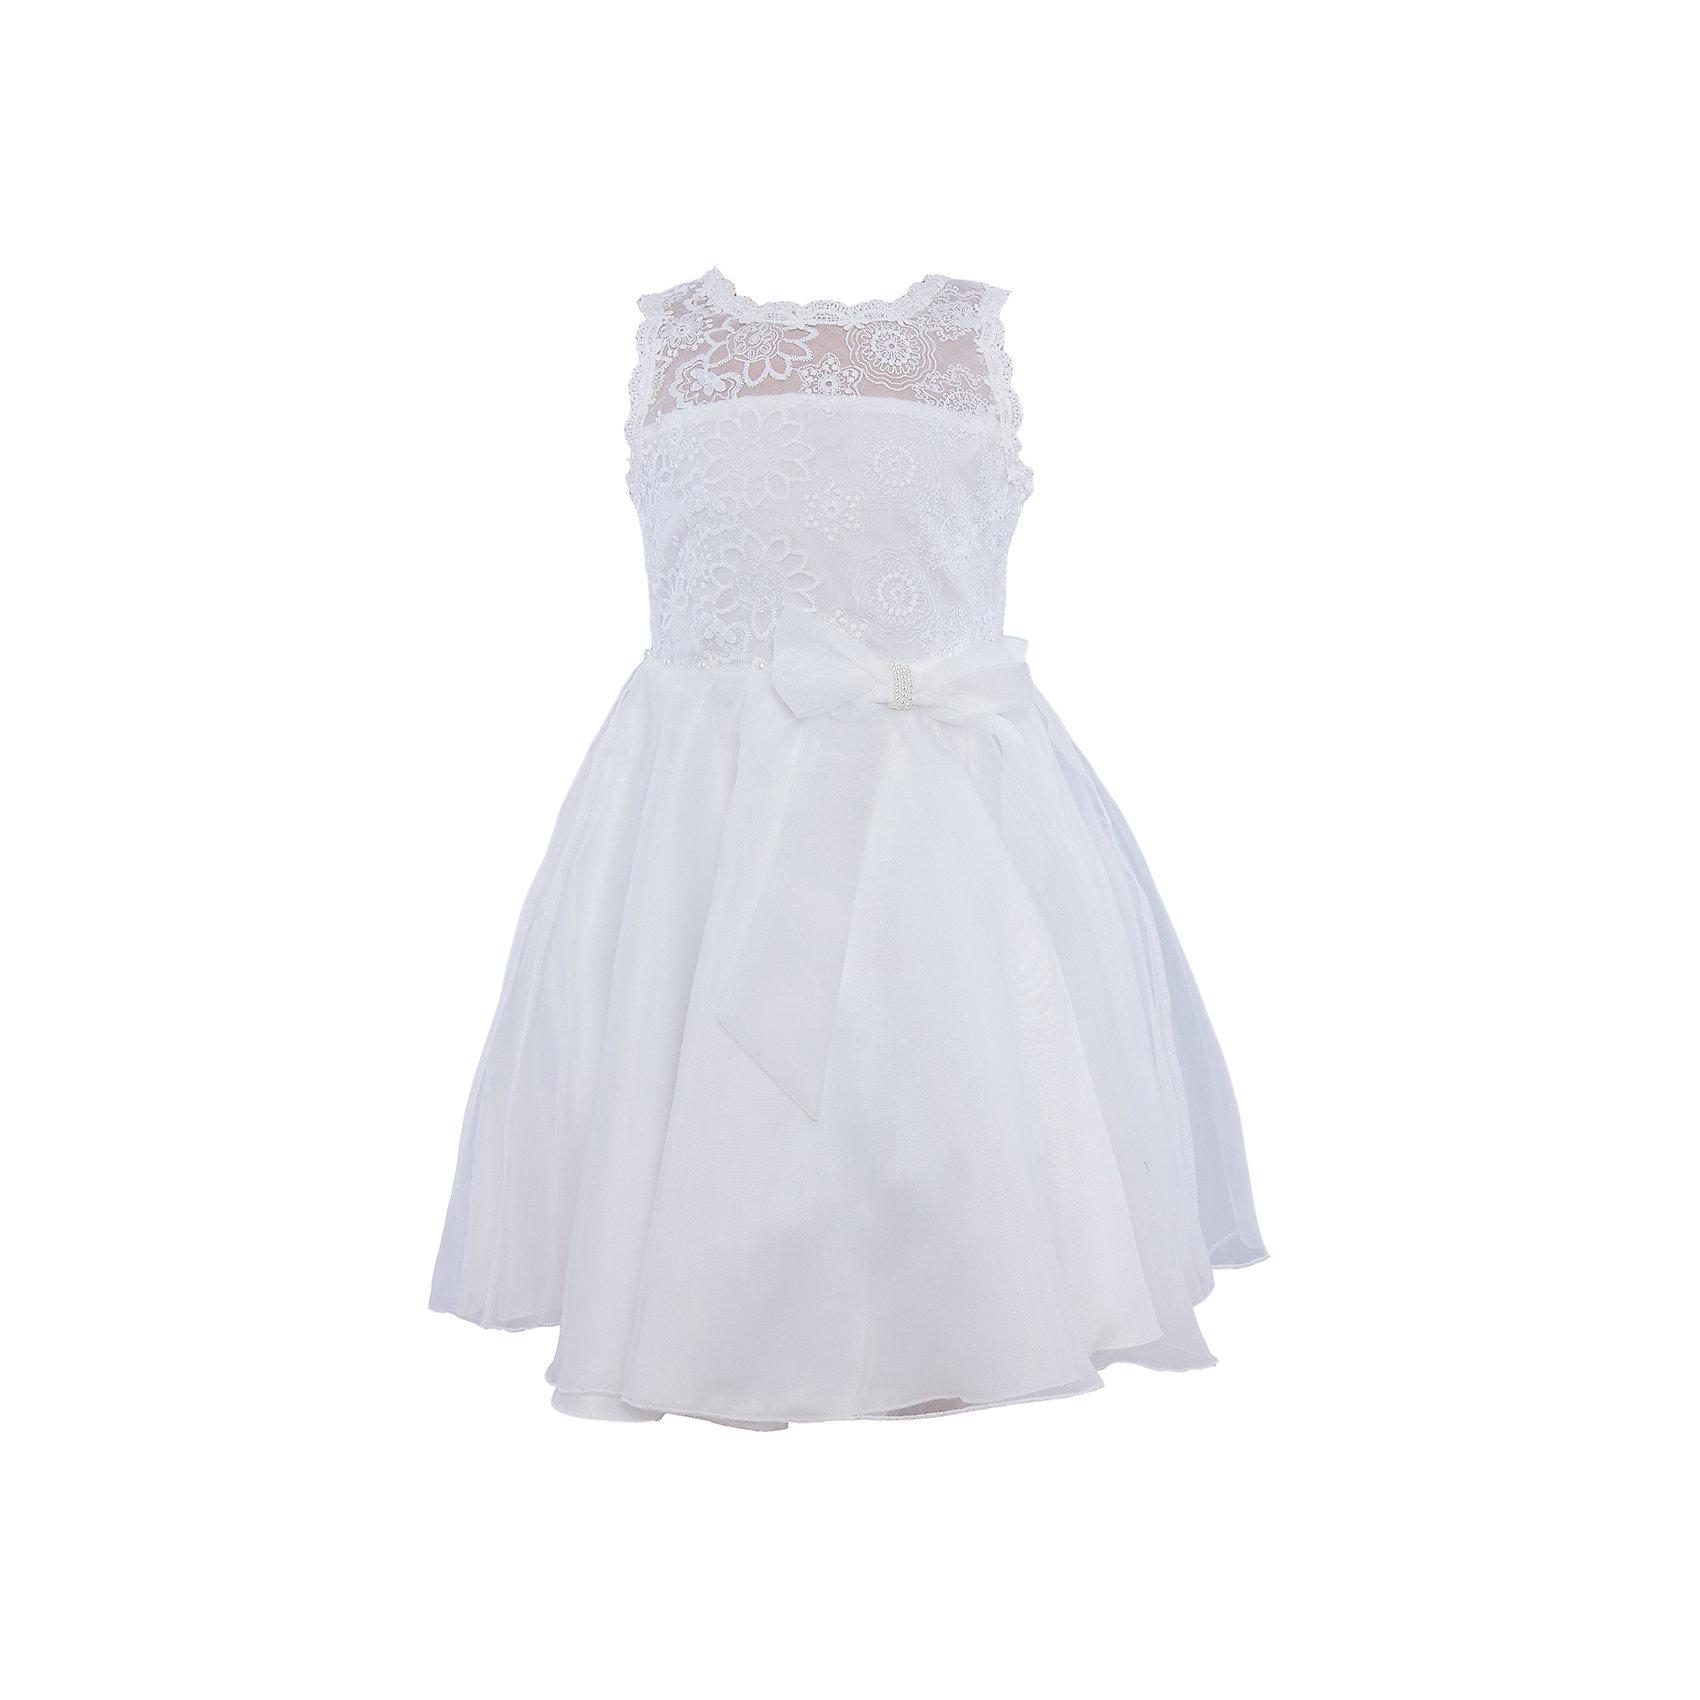 Нарядное платье для девочки Sweet BerryОдежда<br>Характеристики:<br><br>• Вид одежды: платье<br>• Предназначение: для праздника, торжеств<br>• Сезон: круглый год<br>• Материал: верх – 100% полиэстер; подкладка – 100% хлопок<br>• Цвет: белый<br>• Силуэт: классический А-силуэт<br>• Длина платья: миди<br>• Вырез горловины: круглый<br>• Наличие банта сзади<br>• Застежка: пуговицы на спинке<br>• Платье декорировано бусинами в форме жемчужин<br>• Особенности ухода: ручная стирка без применения отбеливающих средств, глажение при низкой температуре <br><br>Sweet Berry – это производитель, который сочетает в своей одежде функциональность, качество, стиль и следование современным мировым тенденциям в детской текстильной индустрии. <br>Нежное платье для девочки от знаменитого производителя детской одежды Sweet Berry выполнено из полиэстера с хлопковой подкладкой. Изделие имеет классический силуэт с отрезной талией и пышной атласной юбкой. Пышность и объем юбке придает подъюбник. Кокетка и спинка выполнены из нежнейшего итальянского кружева белого цвета, горловина и вырезы рукавов обработаны тесьмой из кружева. Талия декорирована жемчужинами и поясом с бантом. Праздничное платье от Sweet Berry – это залог успеха вашего ребенка на любом торжестве!<br><br>Платье для девочки Sweet Berry можно купить в нашем интернет-магазине.<br><br>Ширина мм: 236<br>Глубина мм: 16<br>Высота мм: 184<br>Вес г: 177<br>Цвет: белый<br>Возраст от месяцев: 36<br>Возраст до месяцев: 48<br>Пол: Женский<br>Возраст: Детский<br>Размер: 104,98,110,116,122,128<br>SKU: 5052119